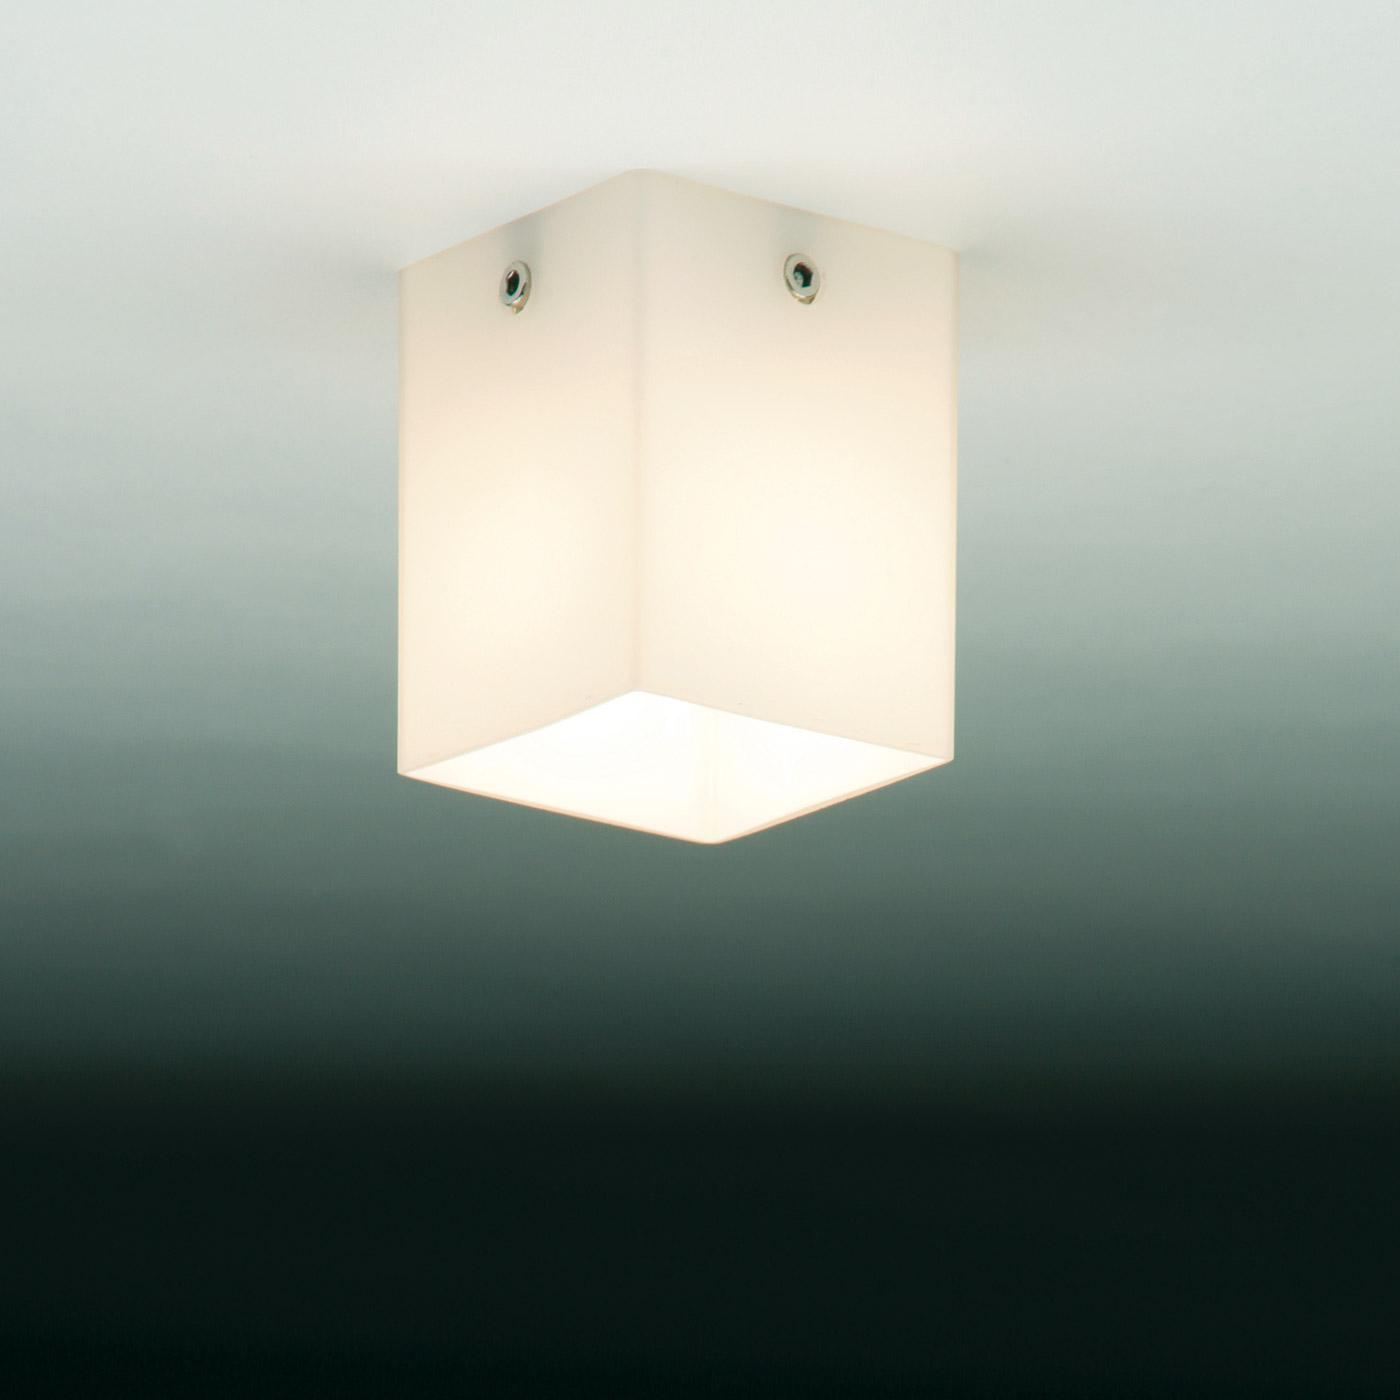 top light quadro short preisvergleiche erfahrungsberichte und kauf bei nextag. Black Bedroom Furniture Sets. Home Design Ideas